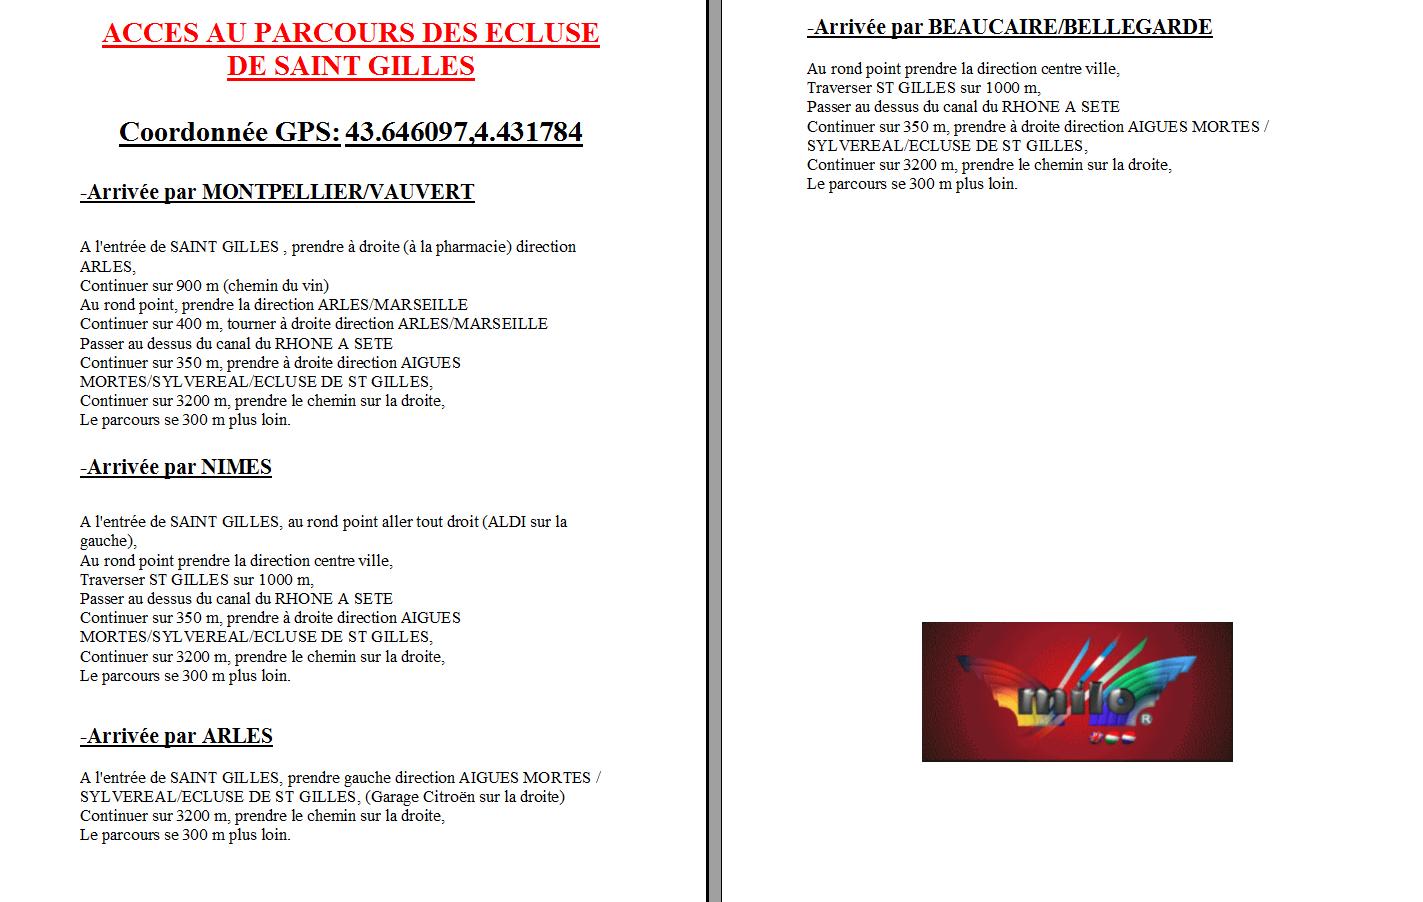 2em Master du Gard le 18 et 19 avril 2015 st giles (30) Acces-parcours-ec...ur-forum-4a79747